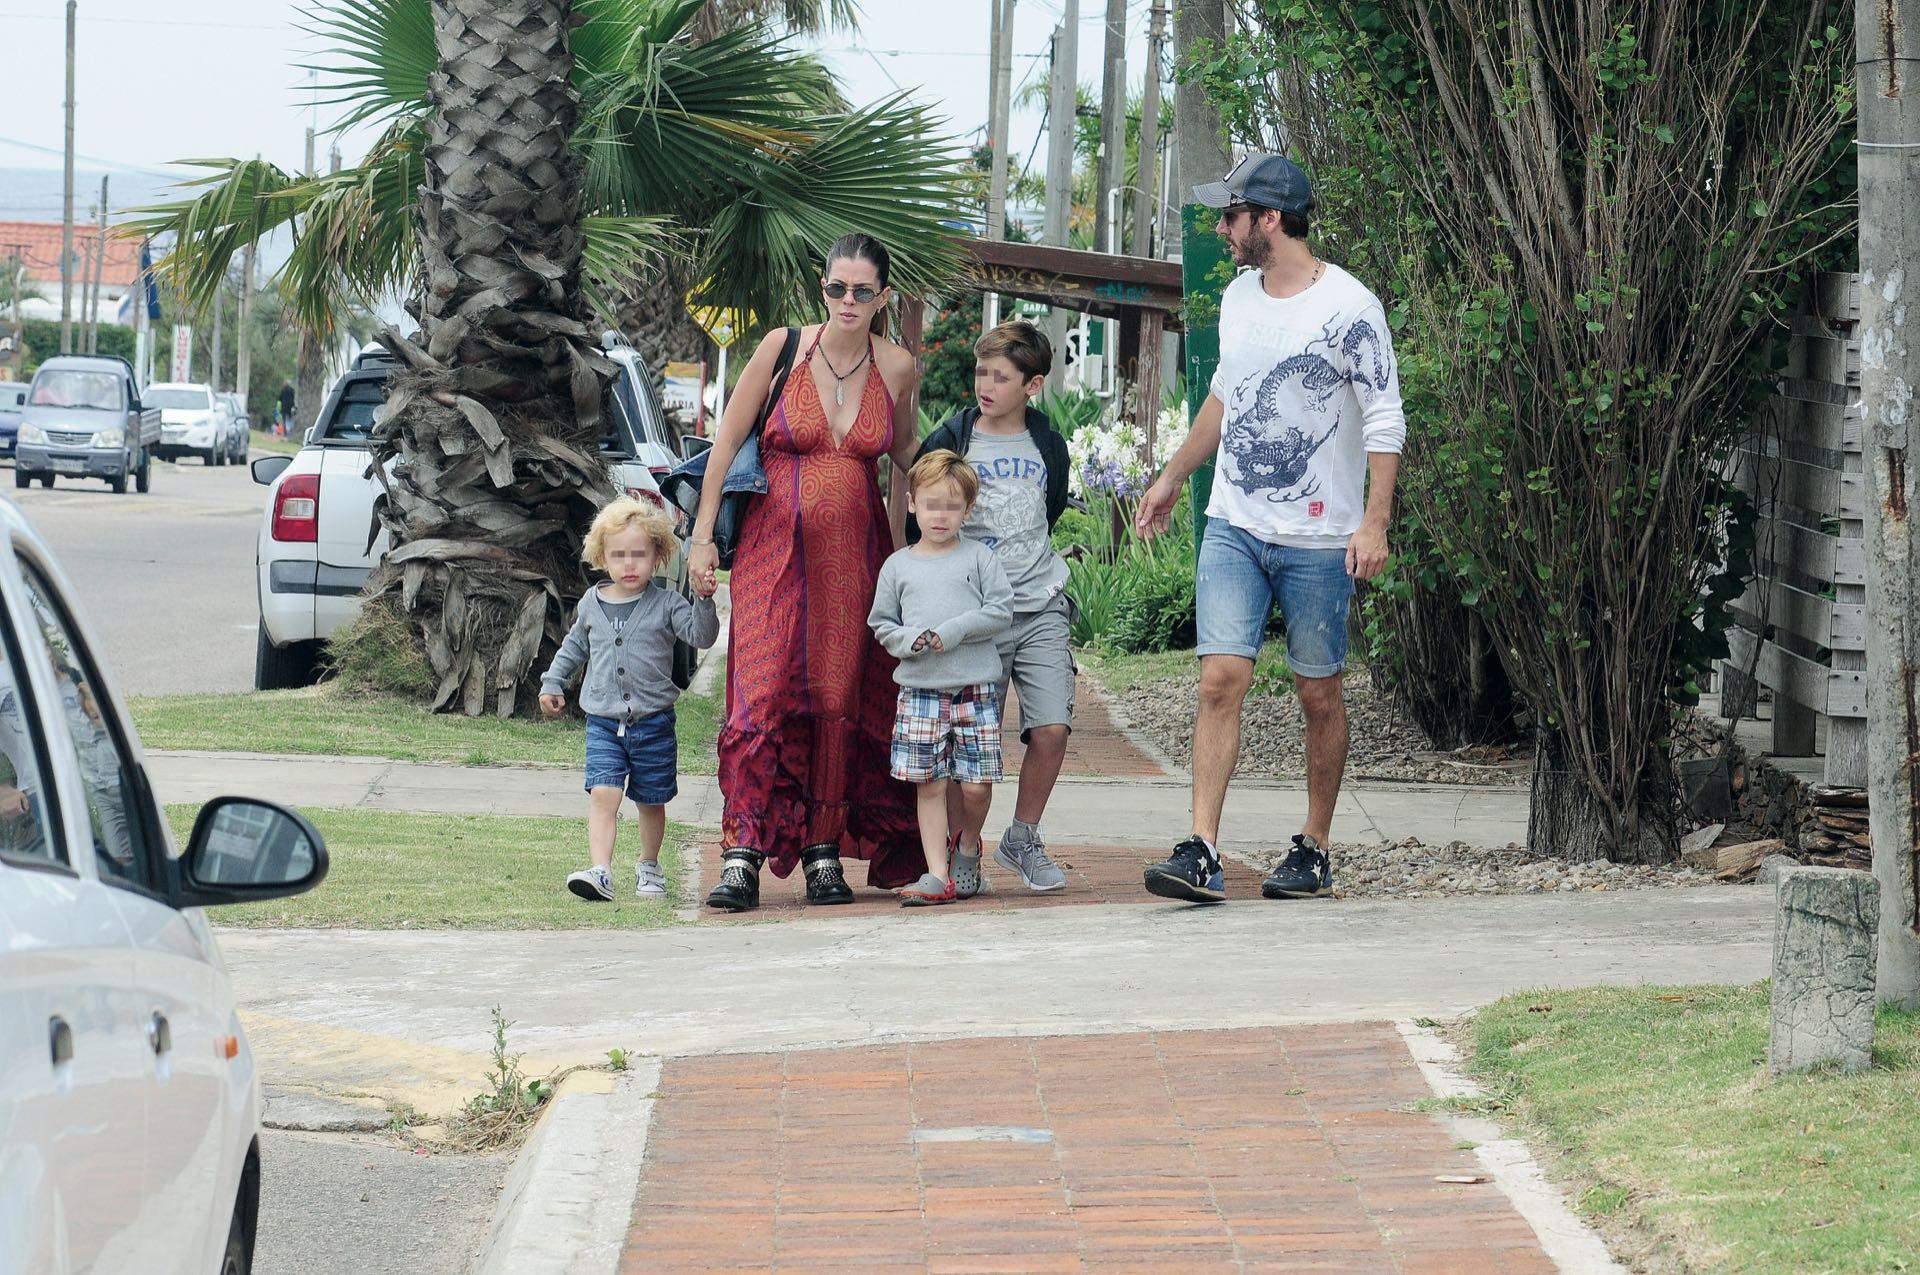 Después de los besos (y de que el más chiquito dejara de pedir upa), Bautista, Beltrán y Benicio se fueron de paseo con su papá y con la futura mamá de su hermanito.